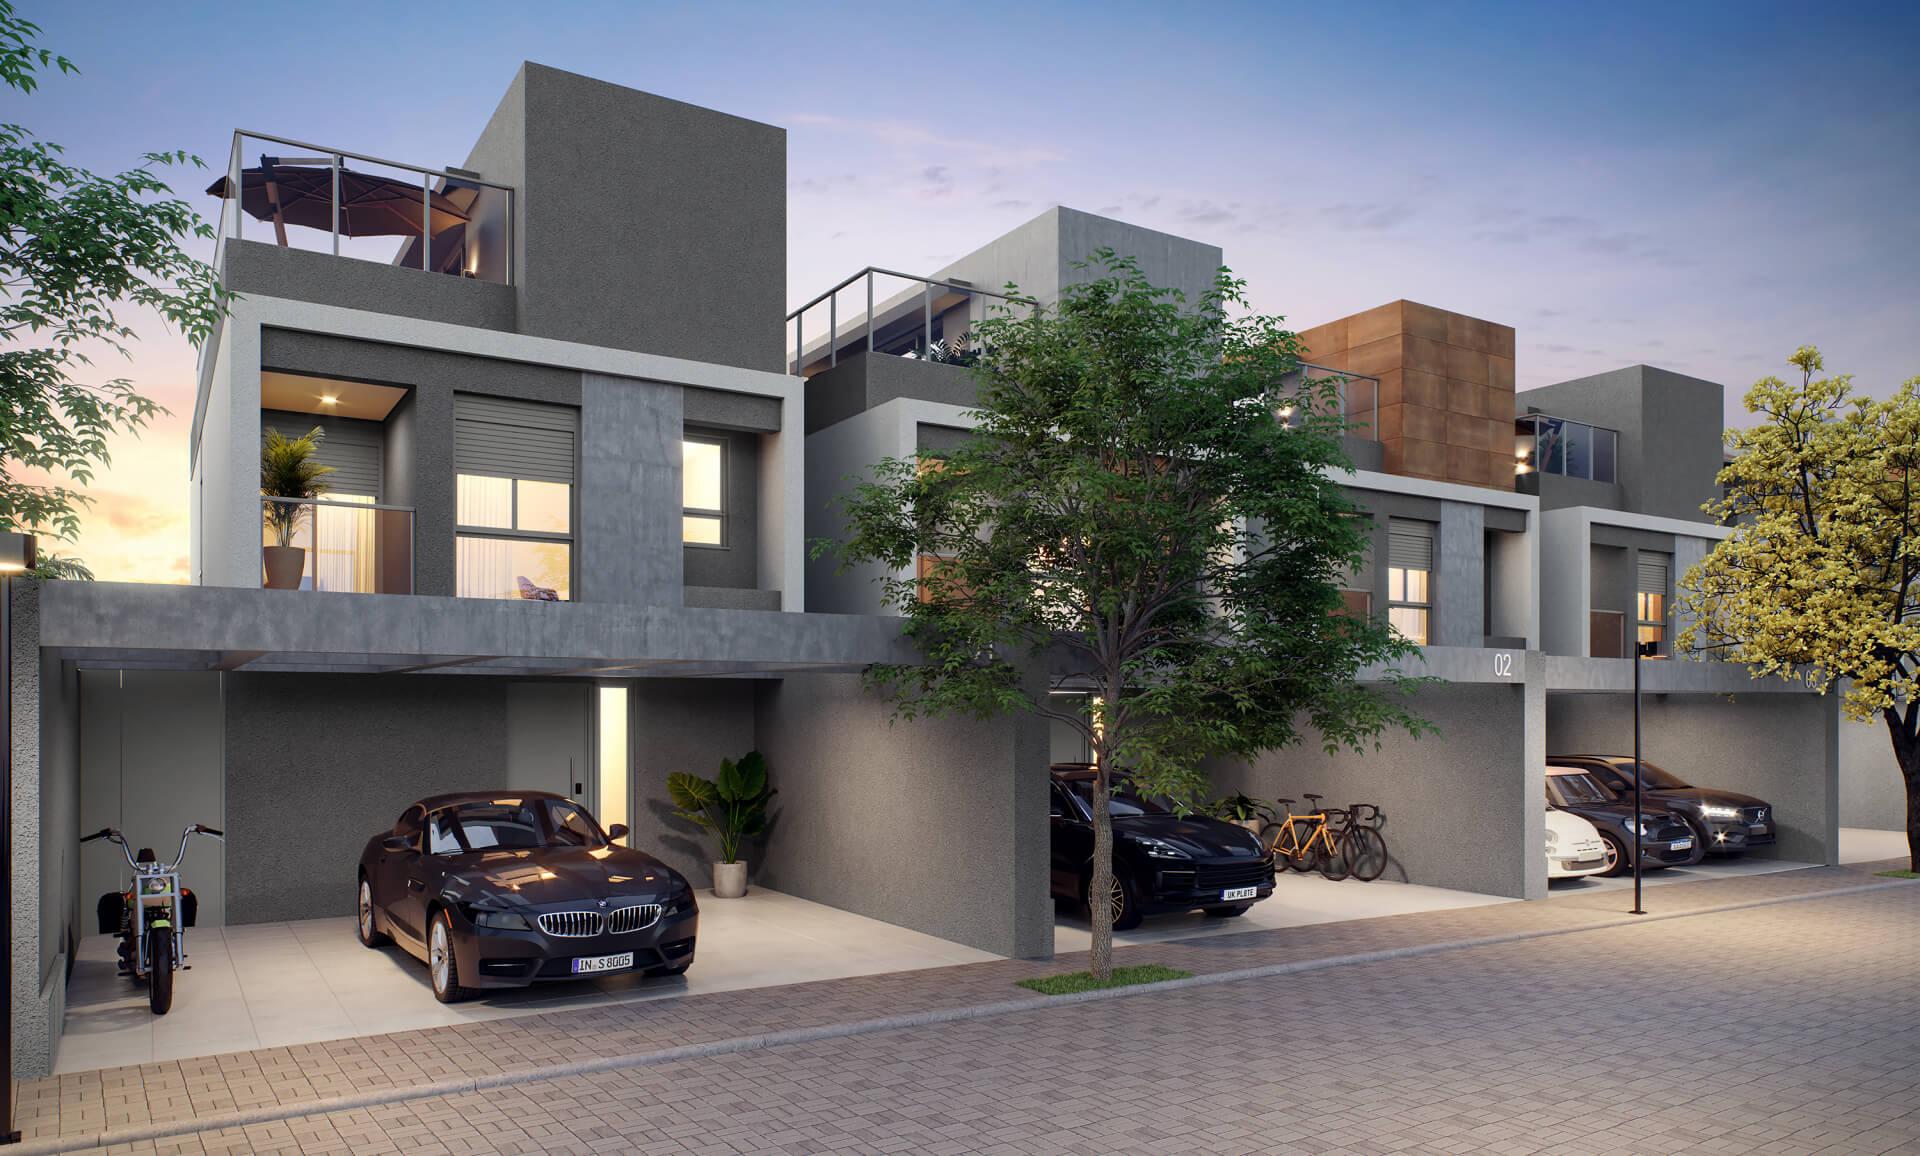 FACHADA das casas com vagas de garagem localizadas no pavimento inferior. Todas as residências têm direito a 3 vagas com acesso direto para a entrada de serviço, uma facilidade para o seu dia a dia.